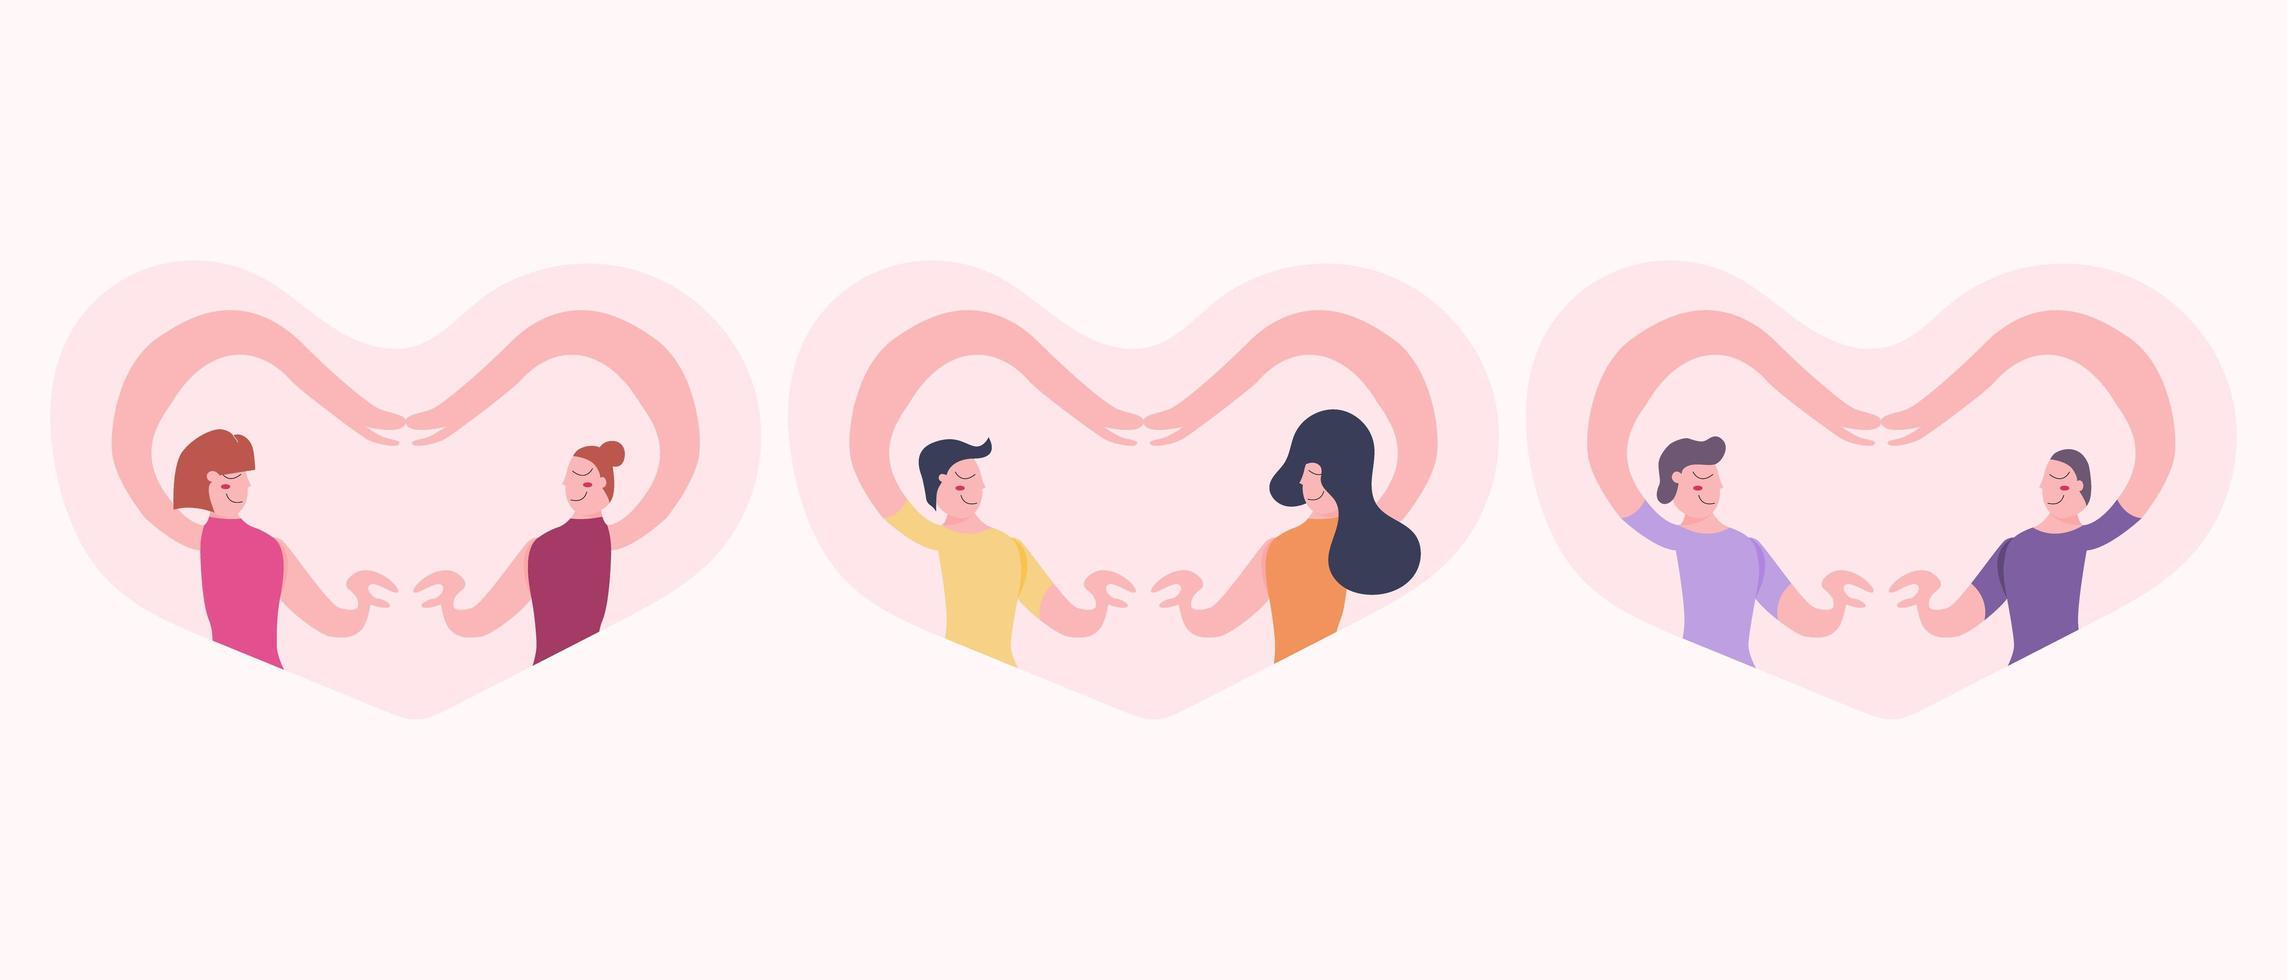 amore per il concetto di coppie di genere diverso vettore